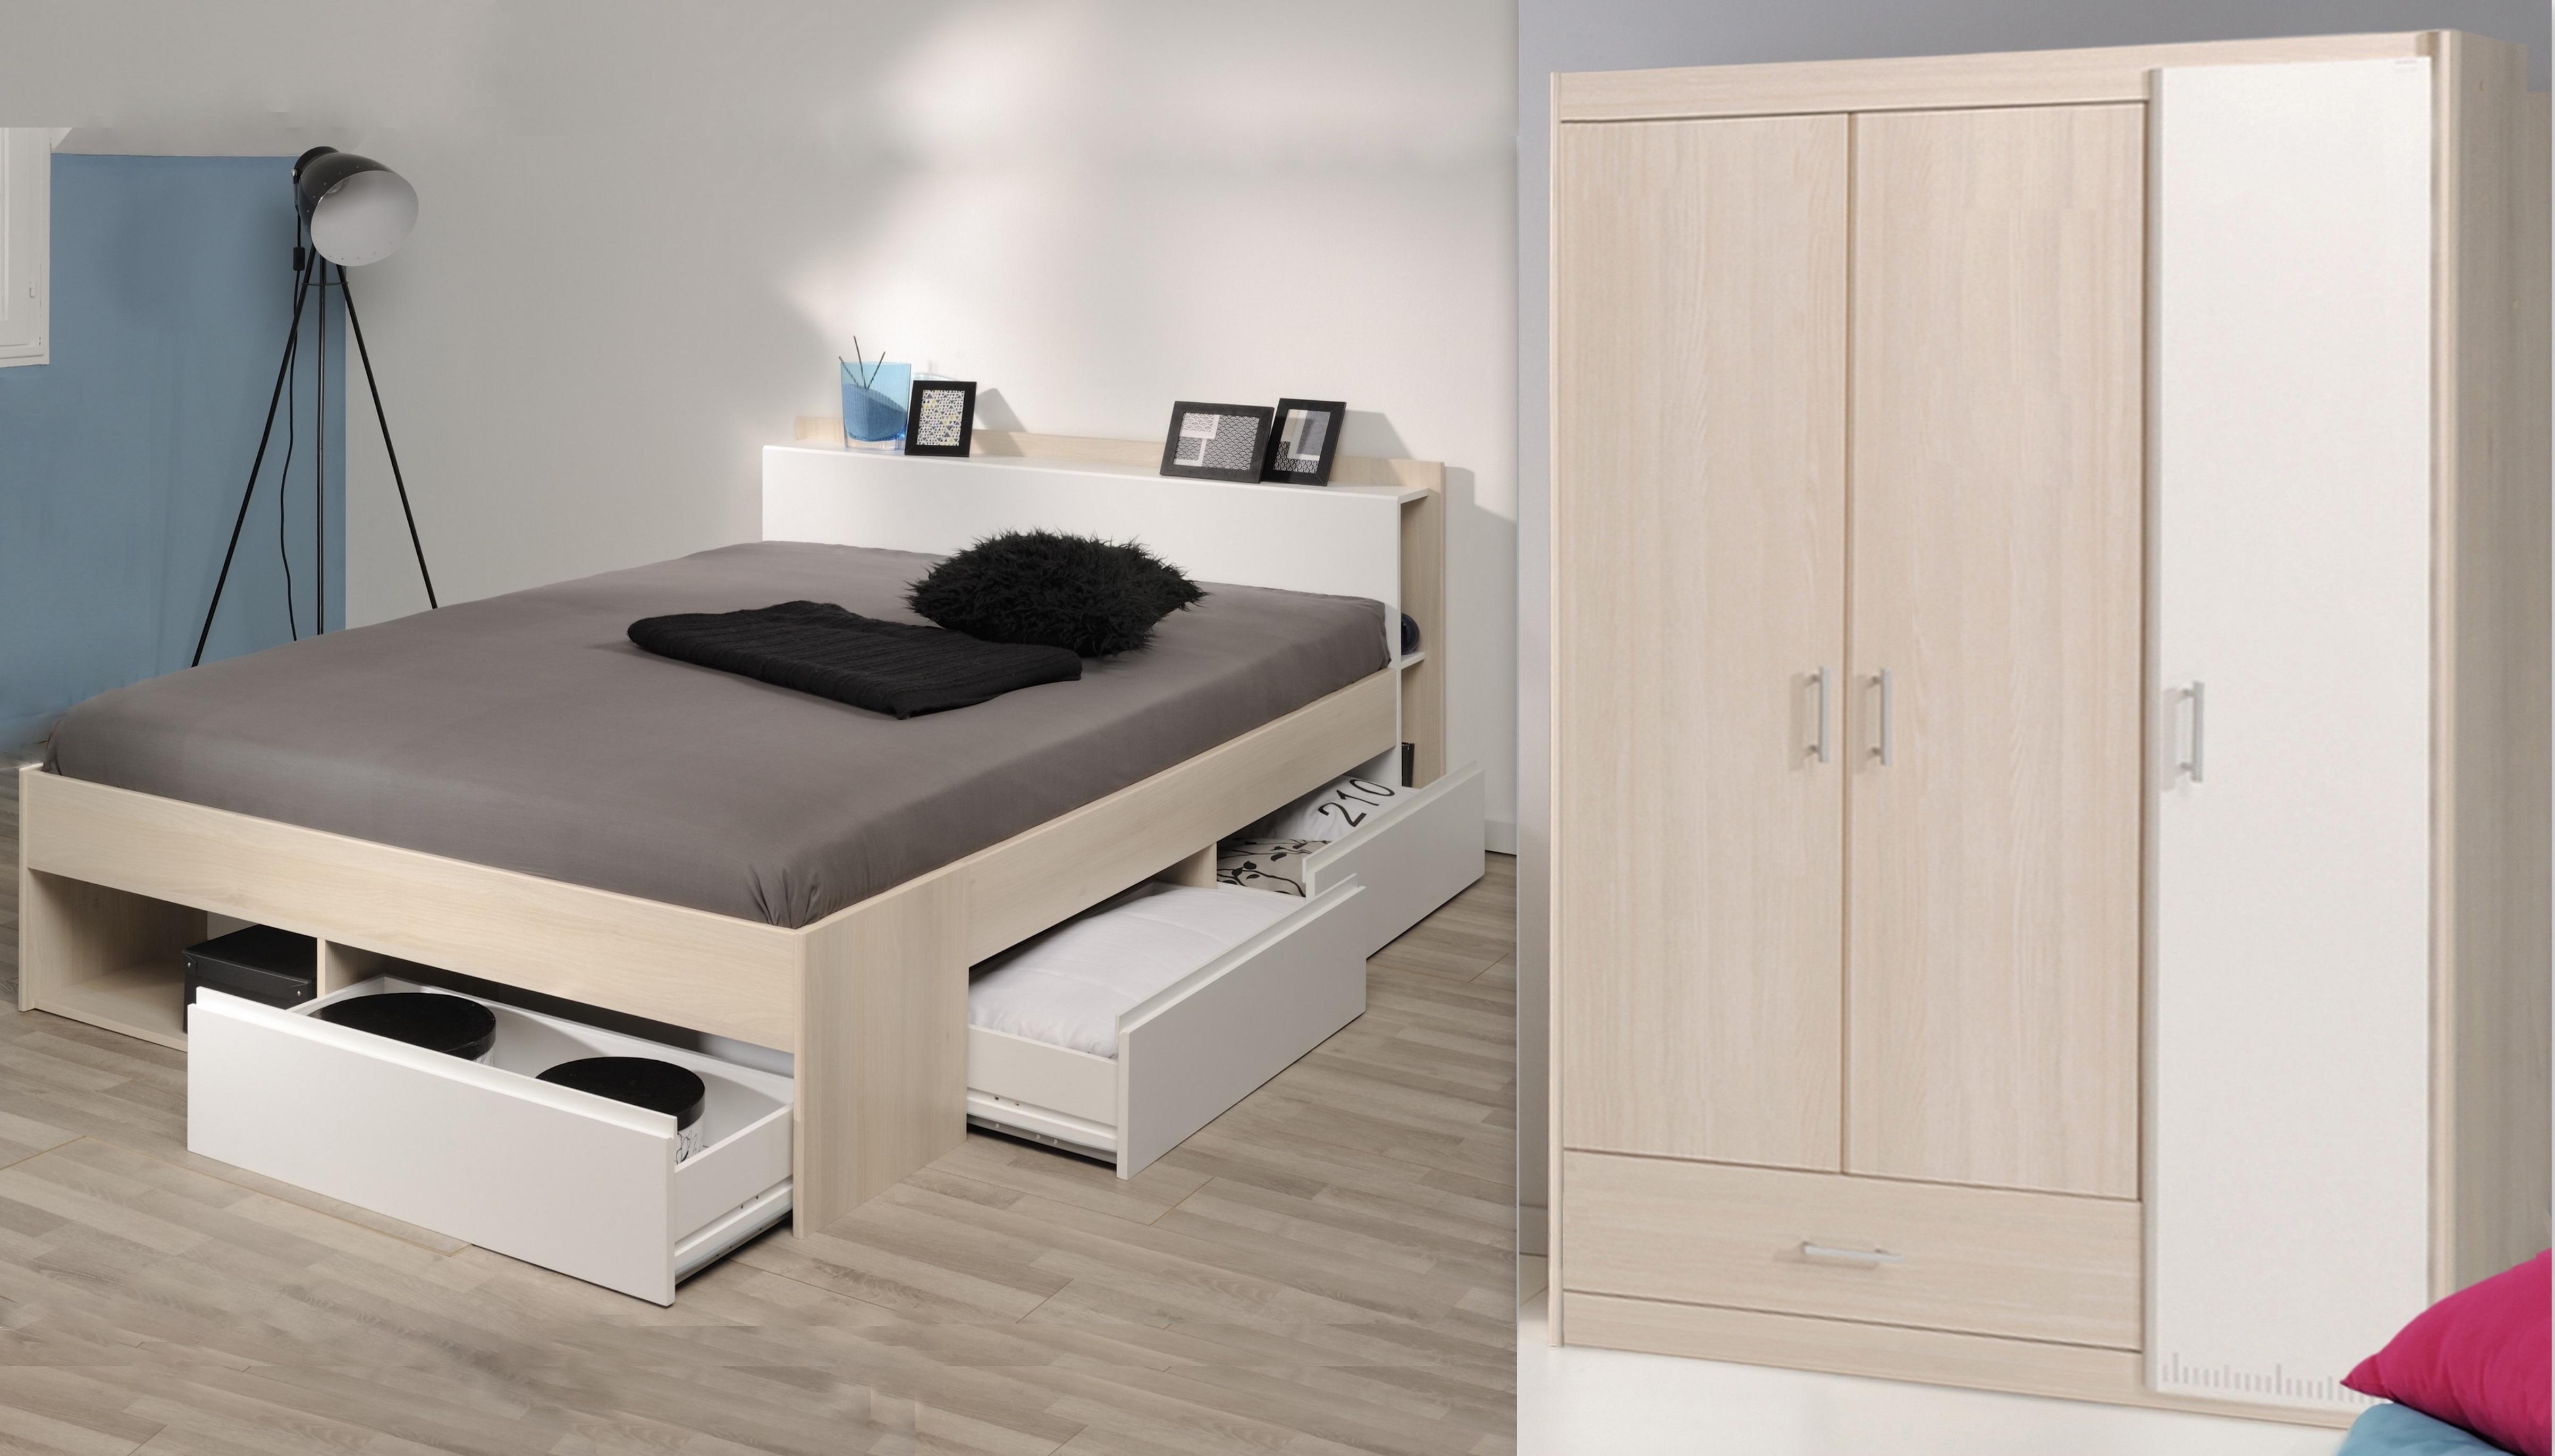 Schlafzimmer Set Bett 140X200 | Schlafzimmer Set 2 Tlg Inkl 140x200 Bett Bettkasten U Kleiderschrank